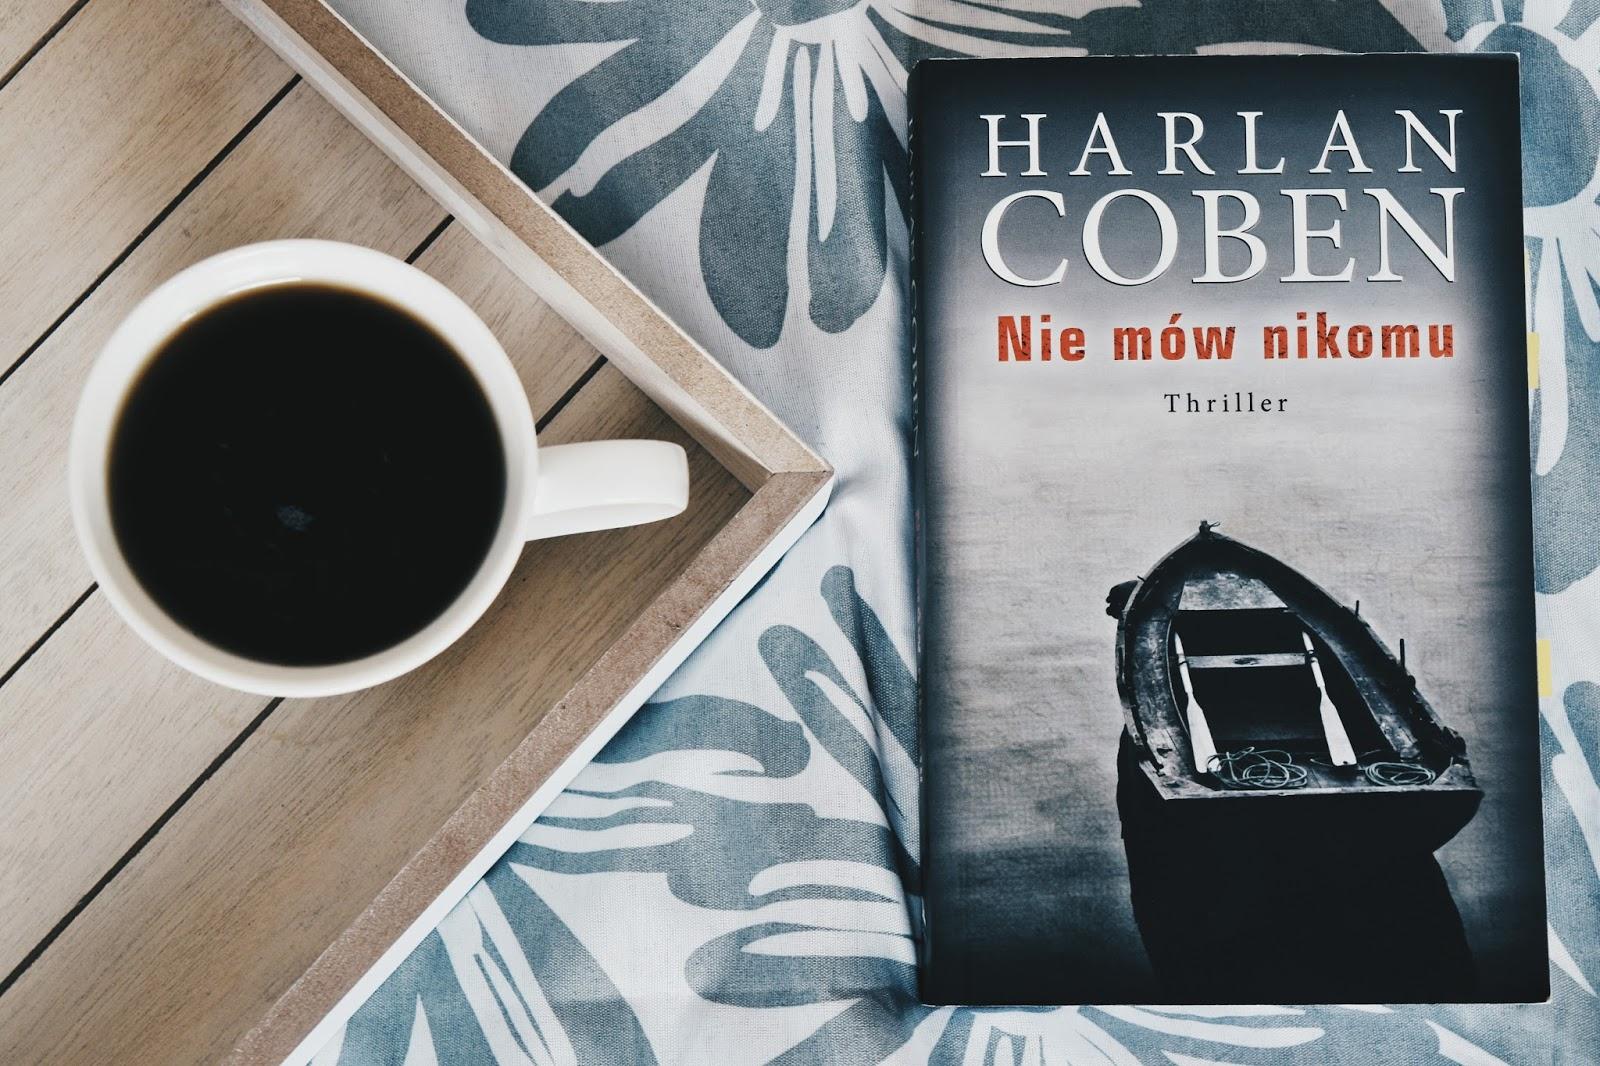 Harlan Coben, thriller, Nie mów nikomu, recenzja, co czytać, książka, herbata, kawa, flatlay